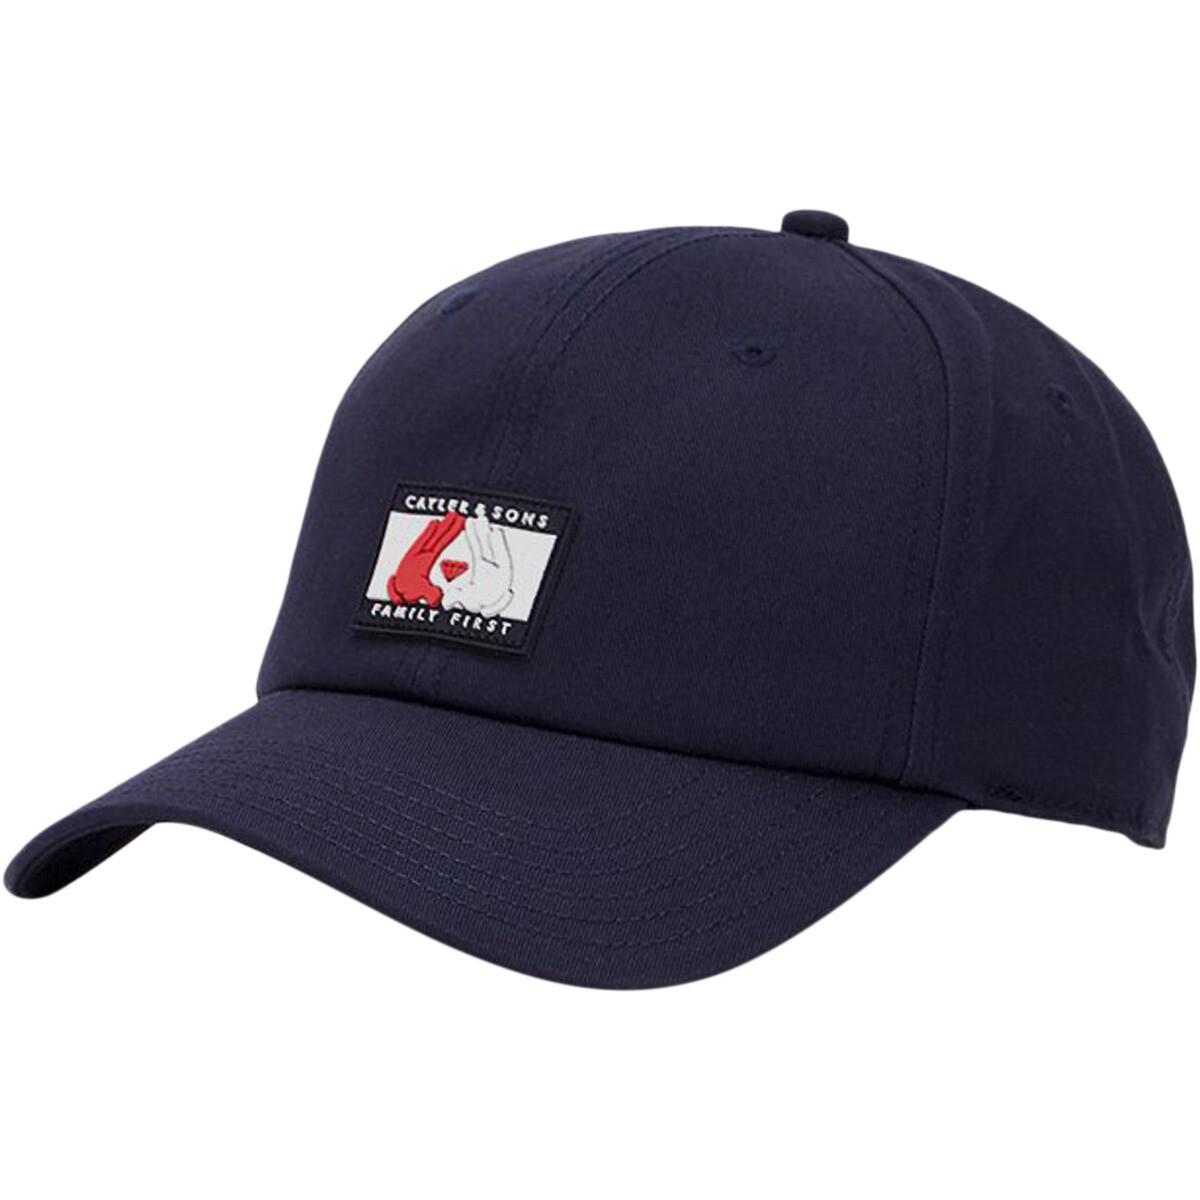 C&S WL First Curved Cap